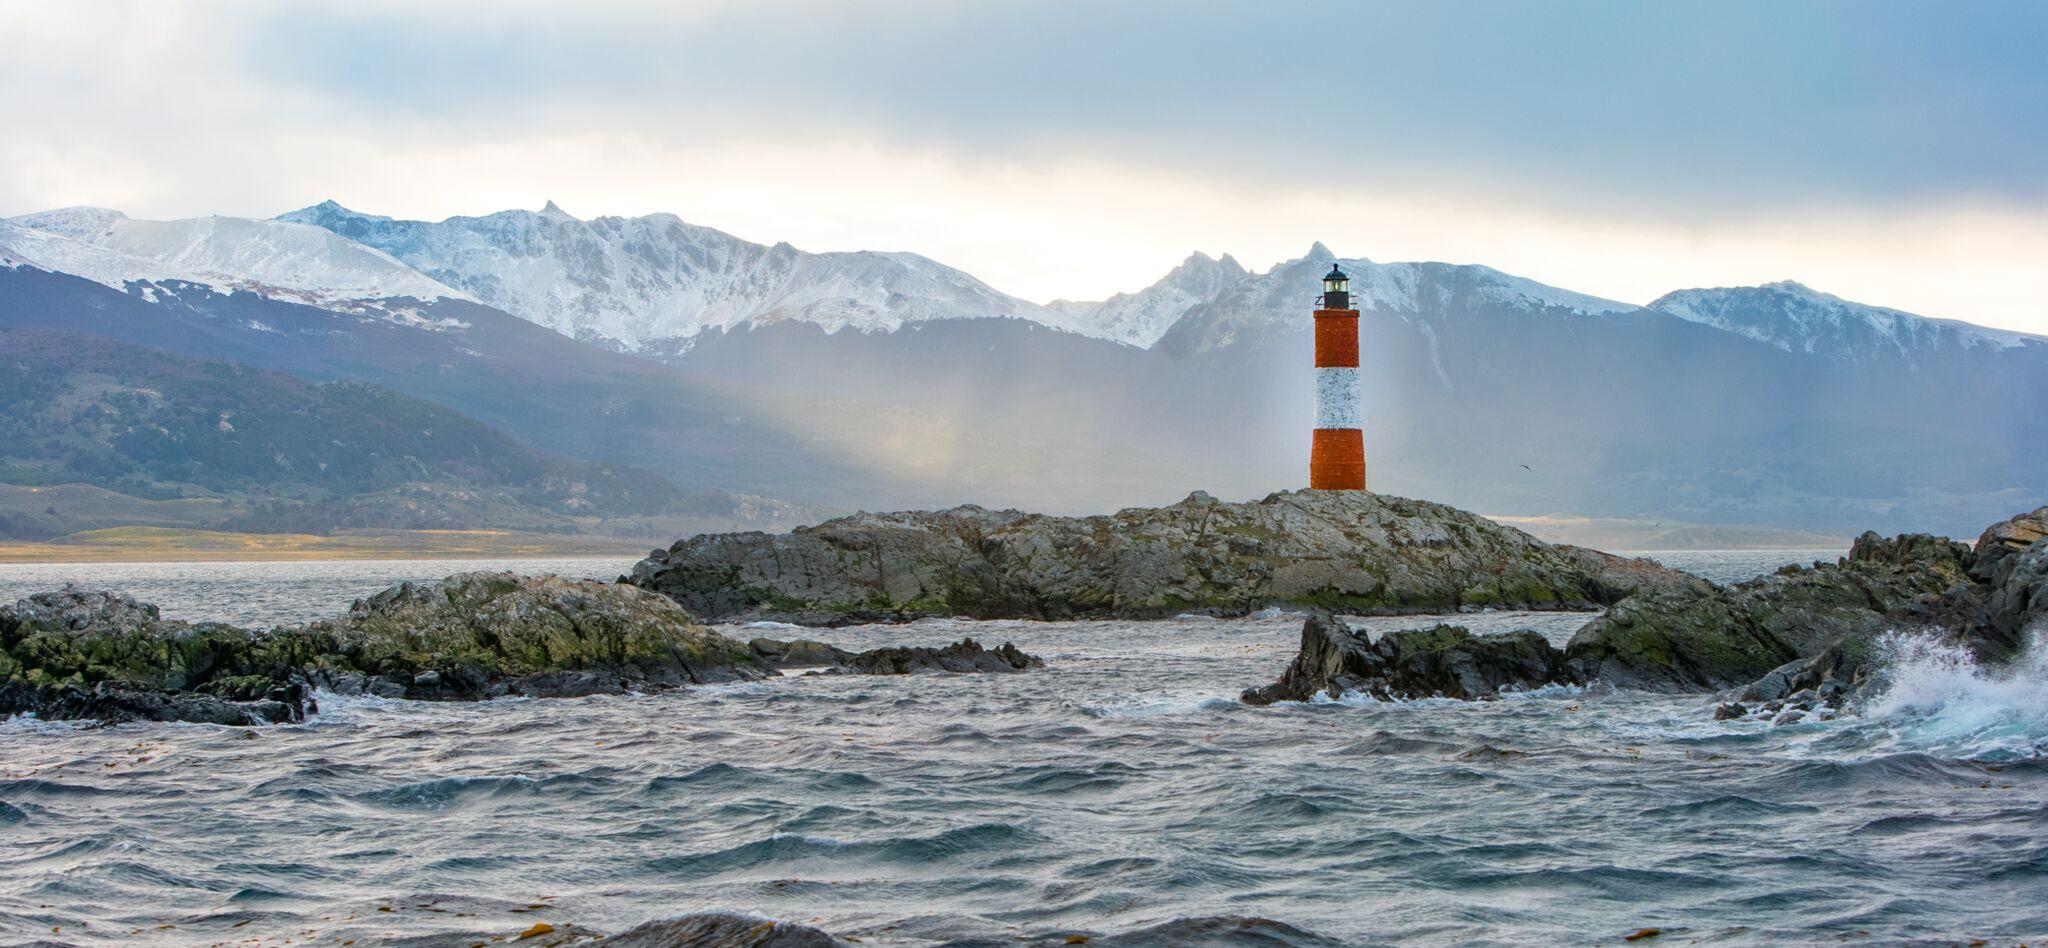 Tierra del Fuego in winter